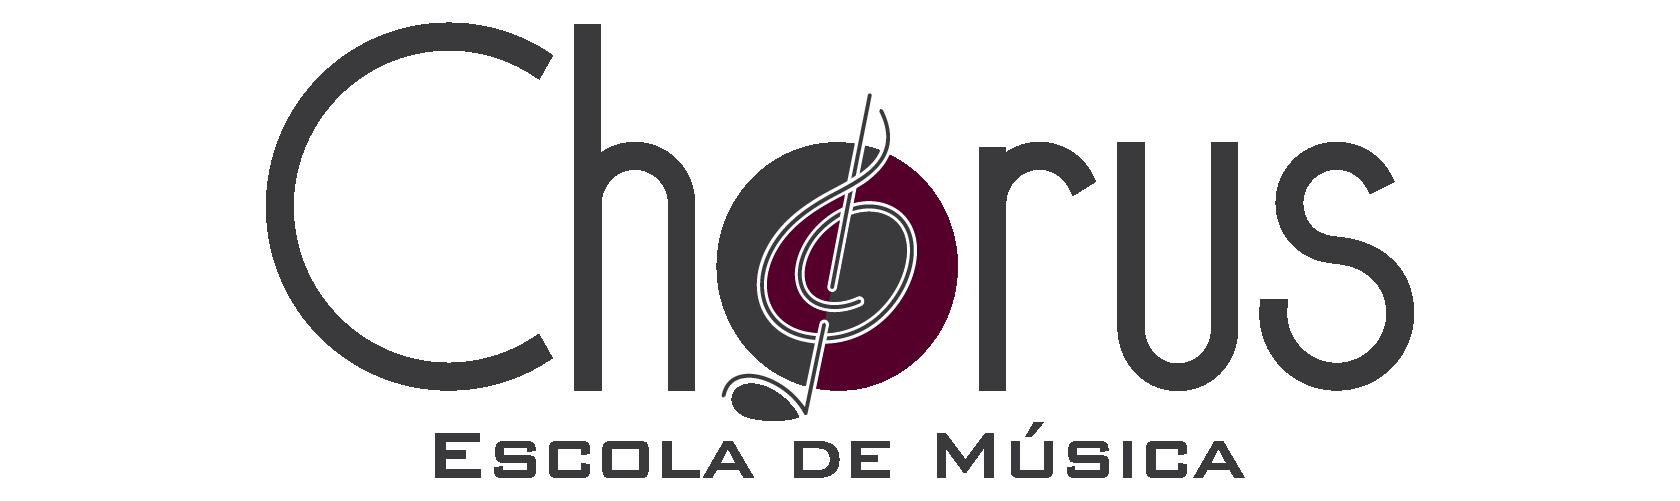 Chorus Escola de Música